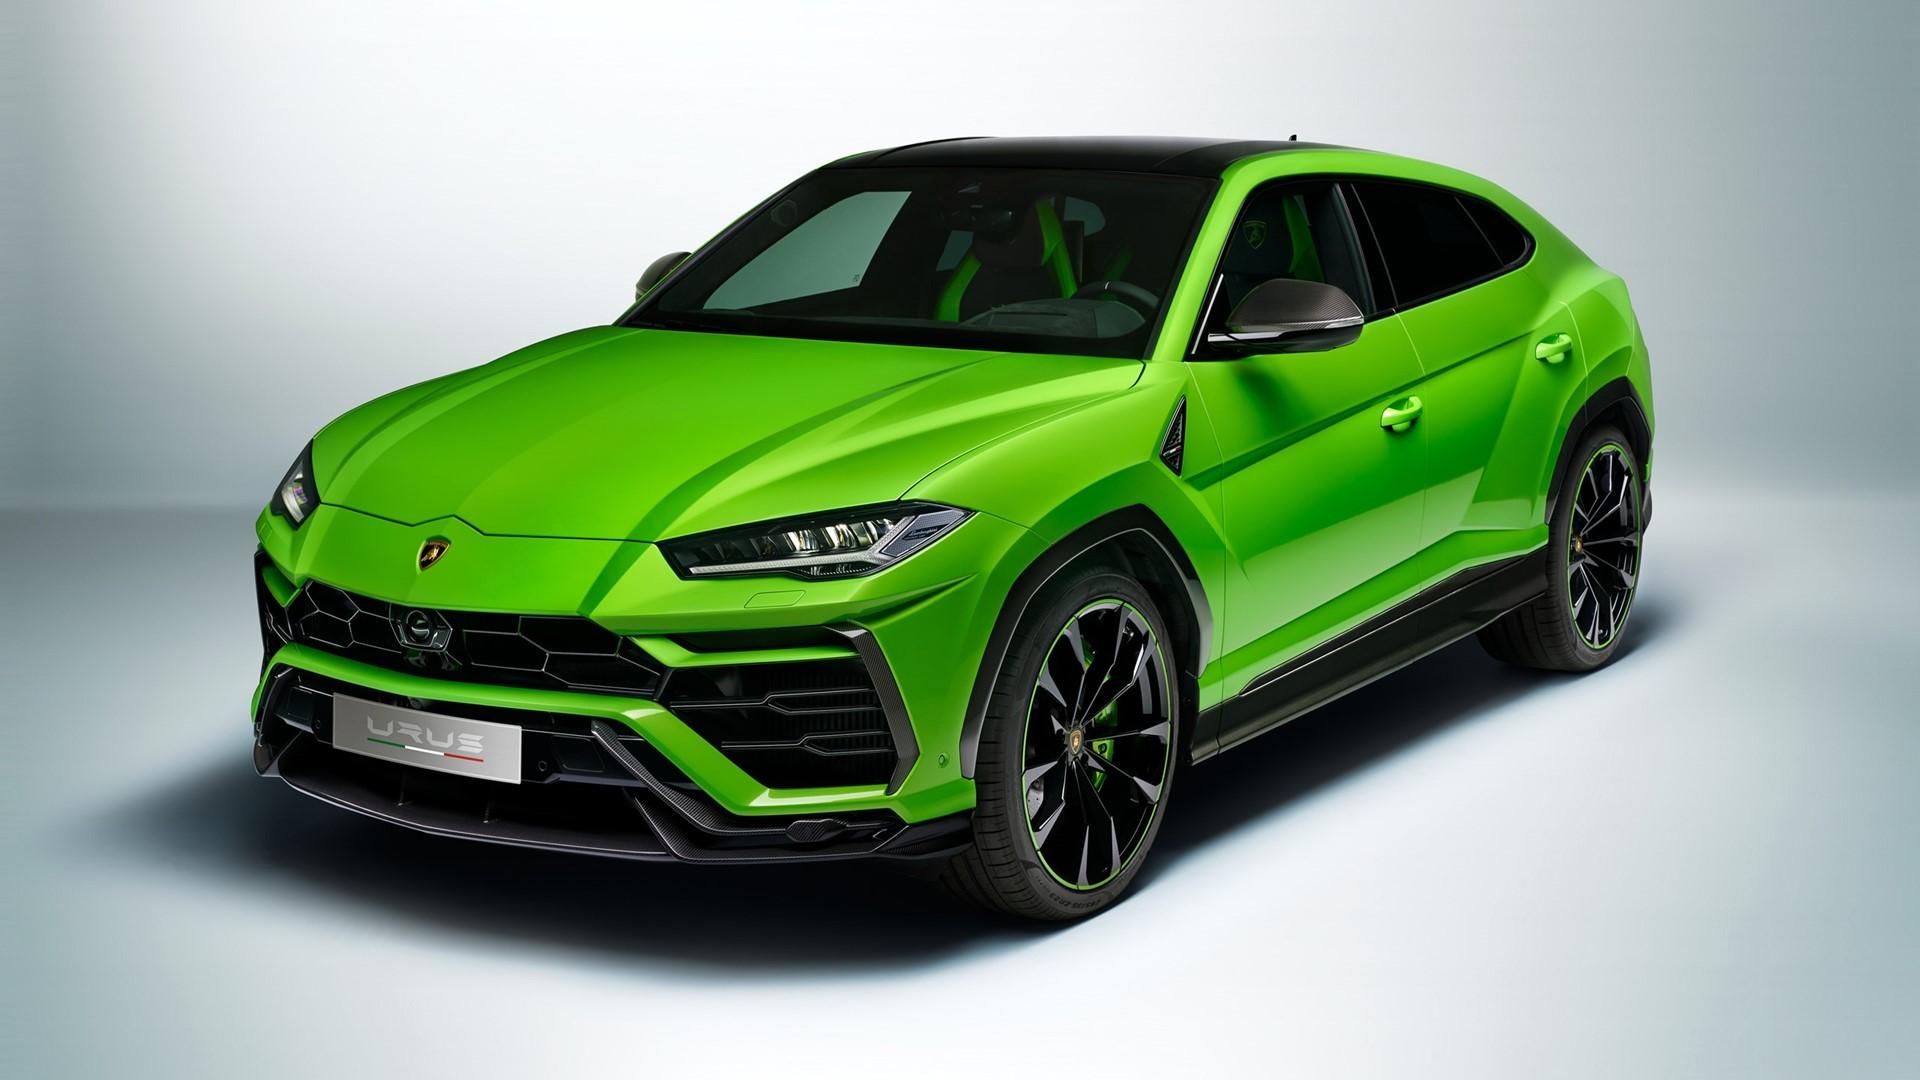 Automobili Lamborghini presents the Urus Pearl Capsule: unlocking new adventures in color for the Lamborghini Urus - Image 3